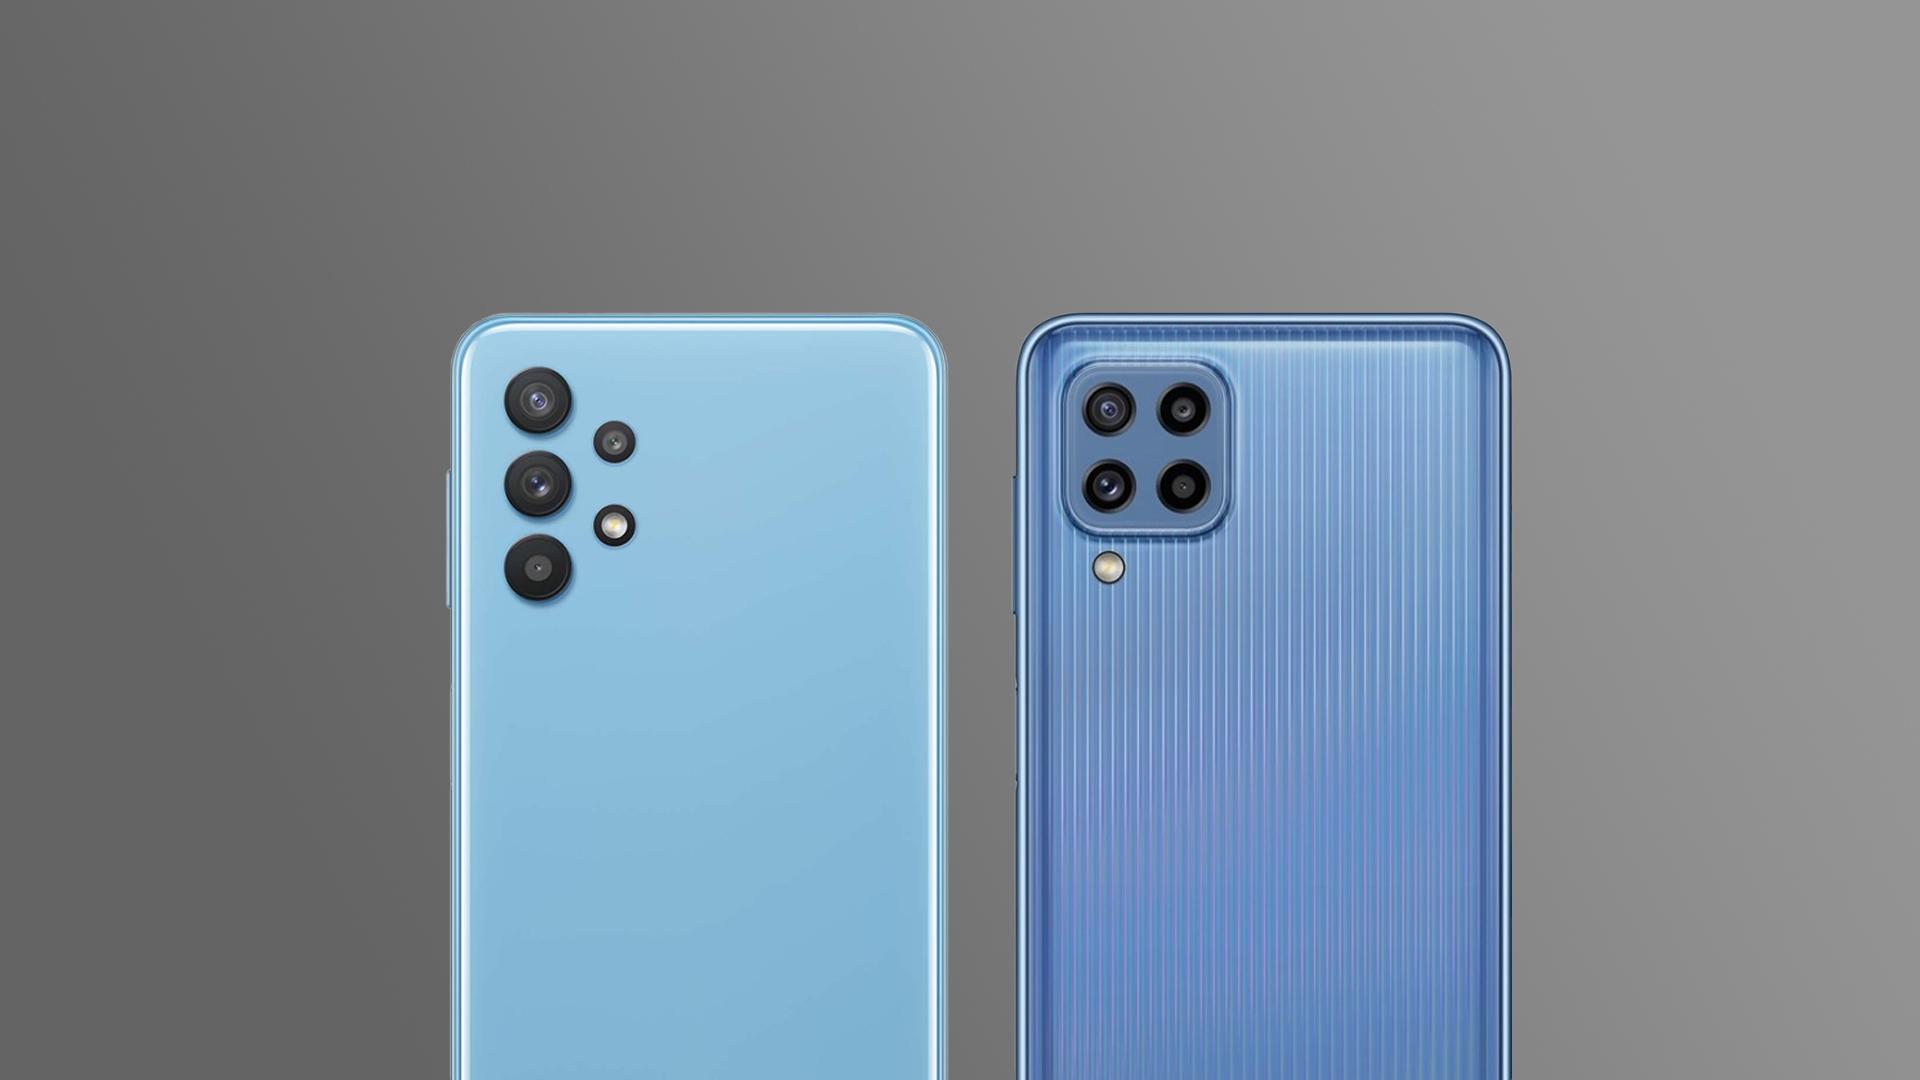 Samsung Galaxy A32 vs Galaxy M32 Camera